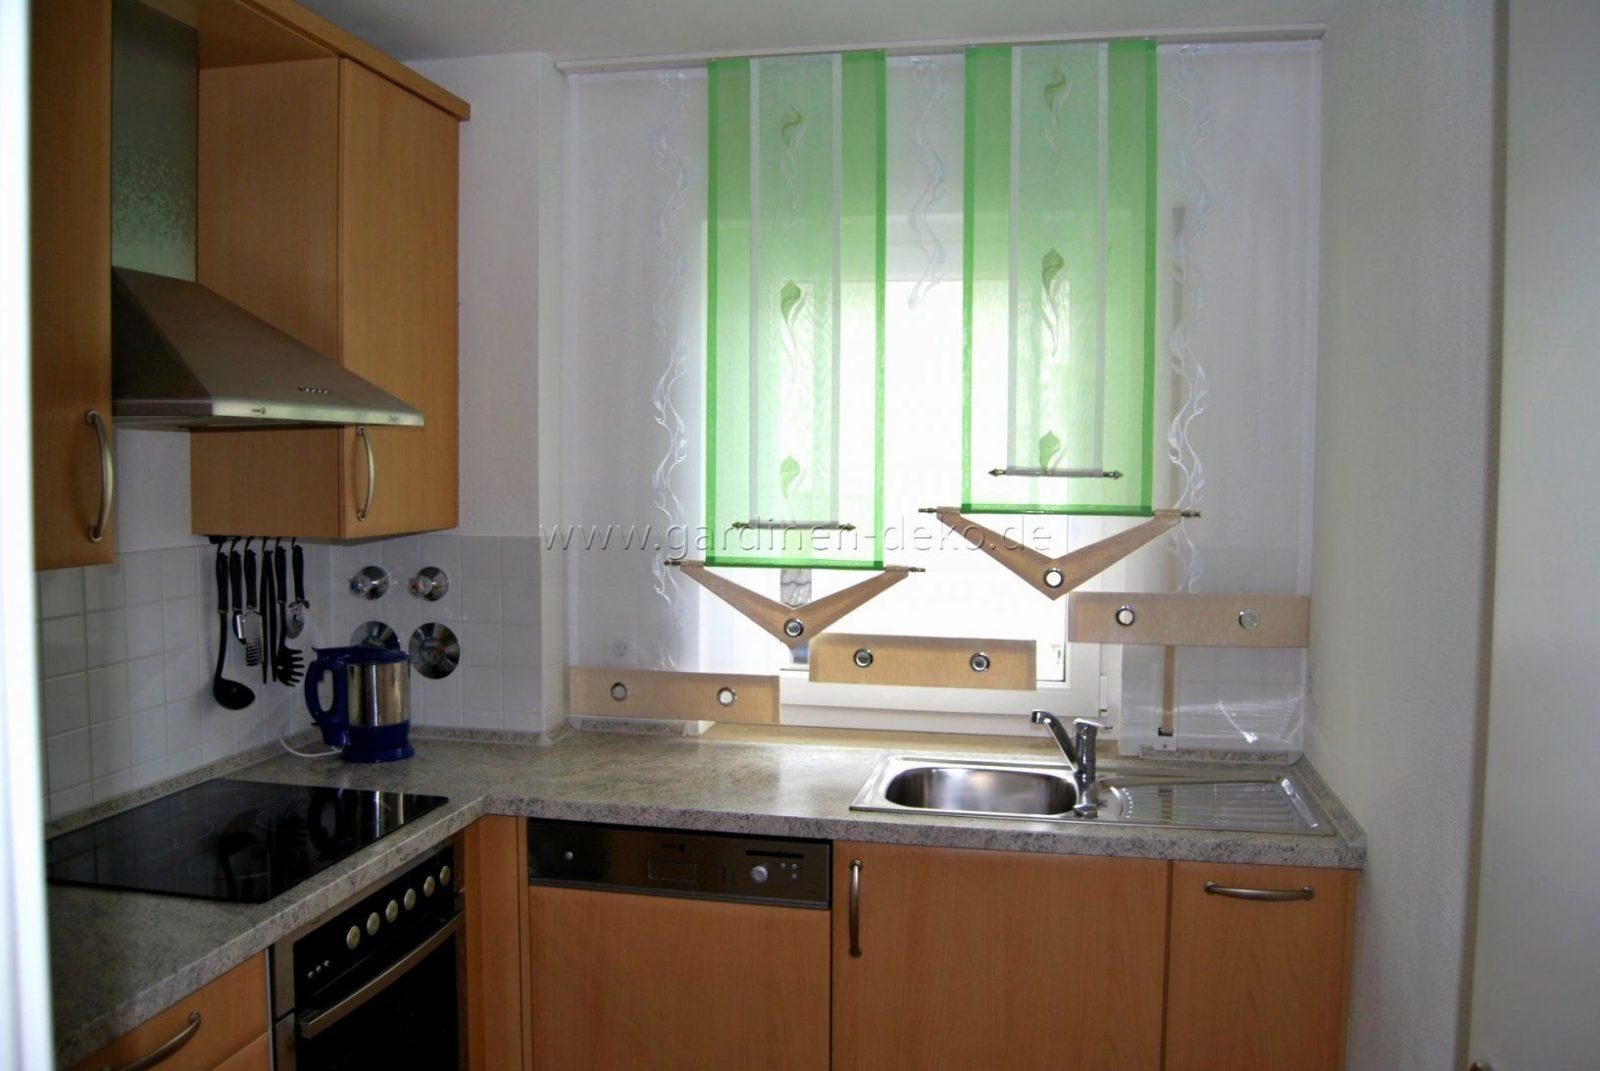 Moderne Kuche Gardinen  Codecafe von Moderne Gardinen Küche Photo